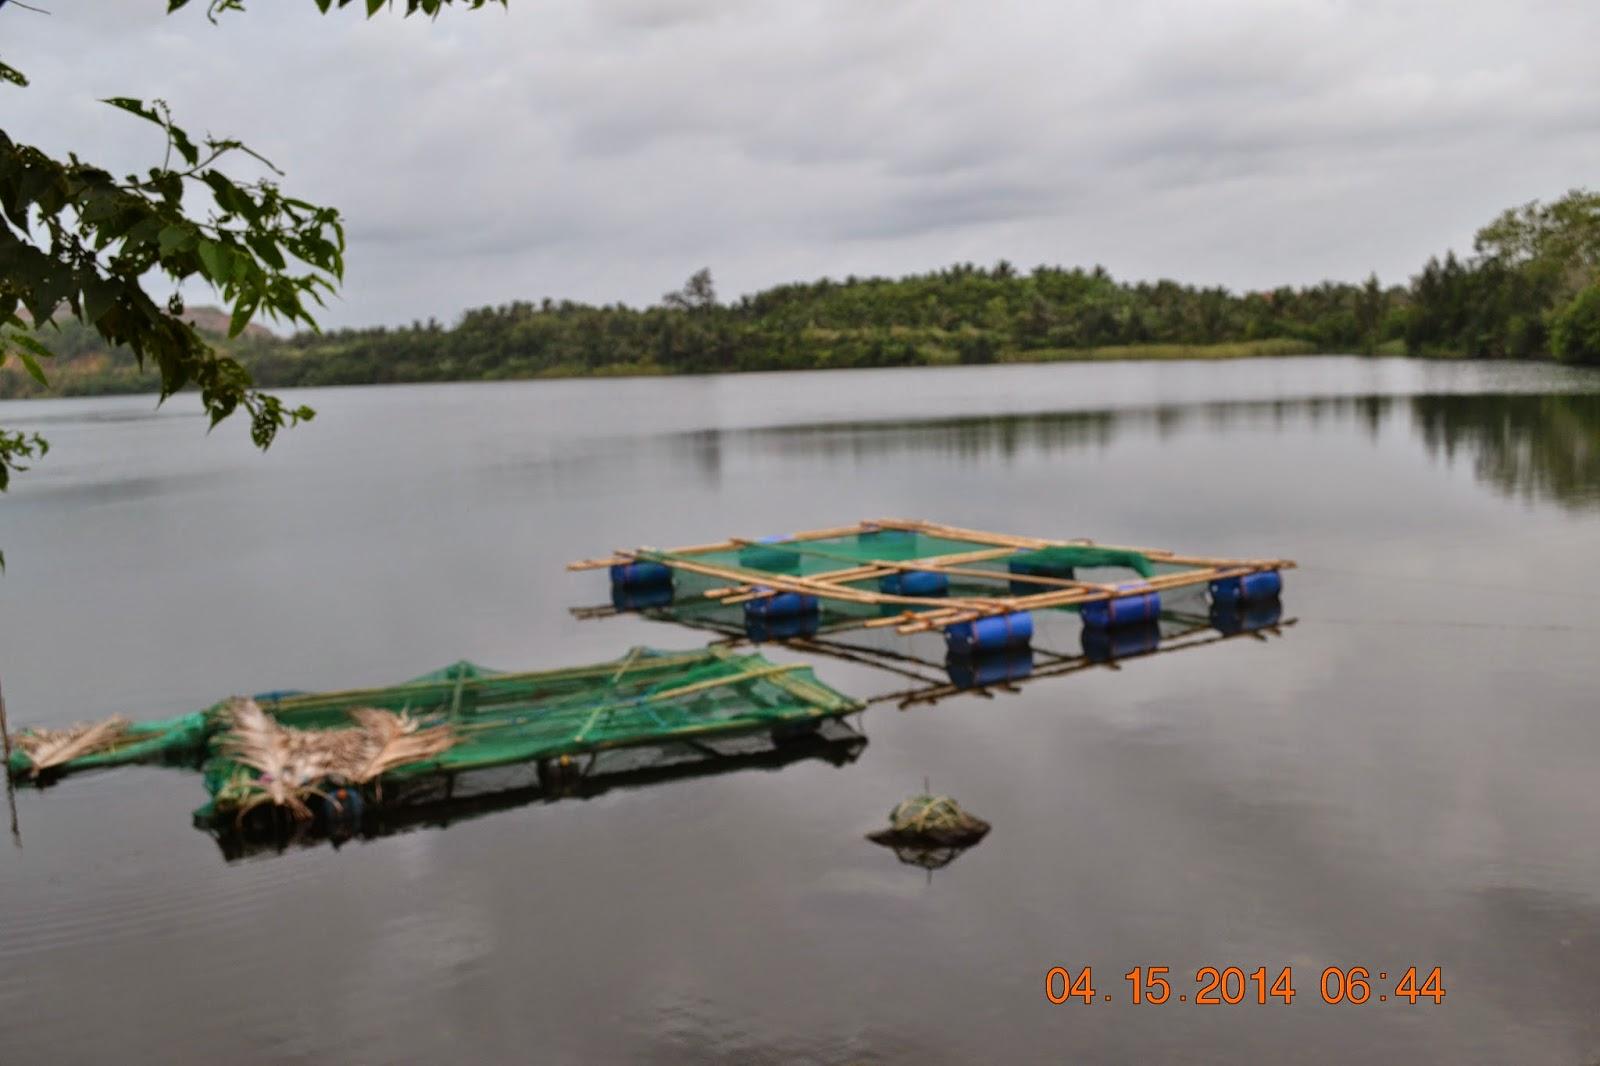 Mambulaoans Worldwide Buzz Tilapia Fish Cage Project